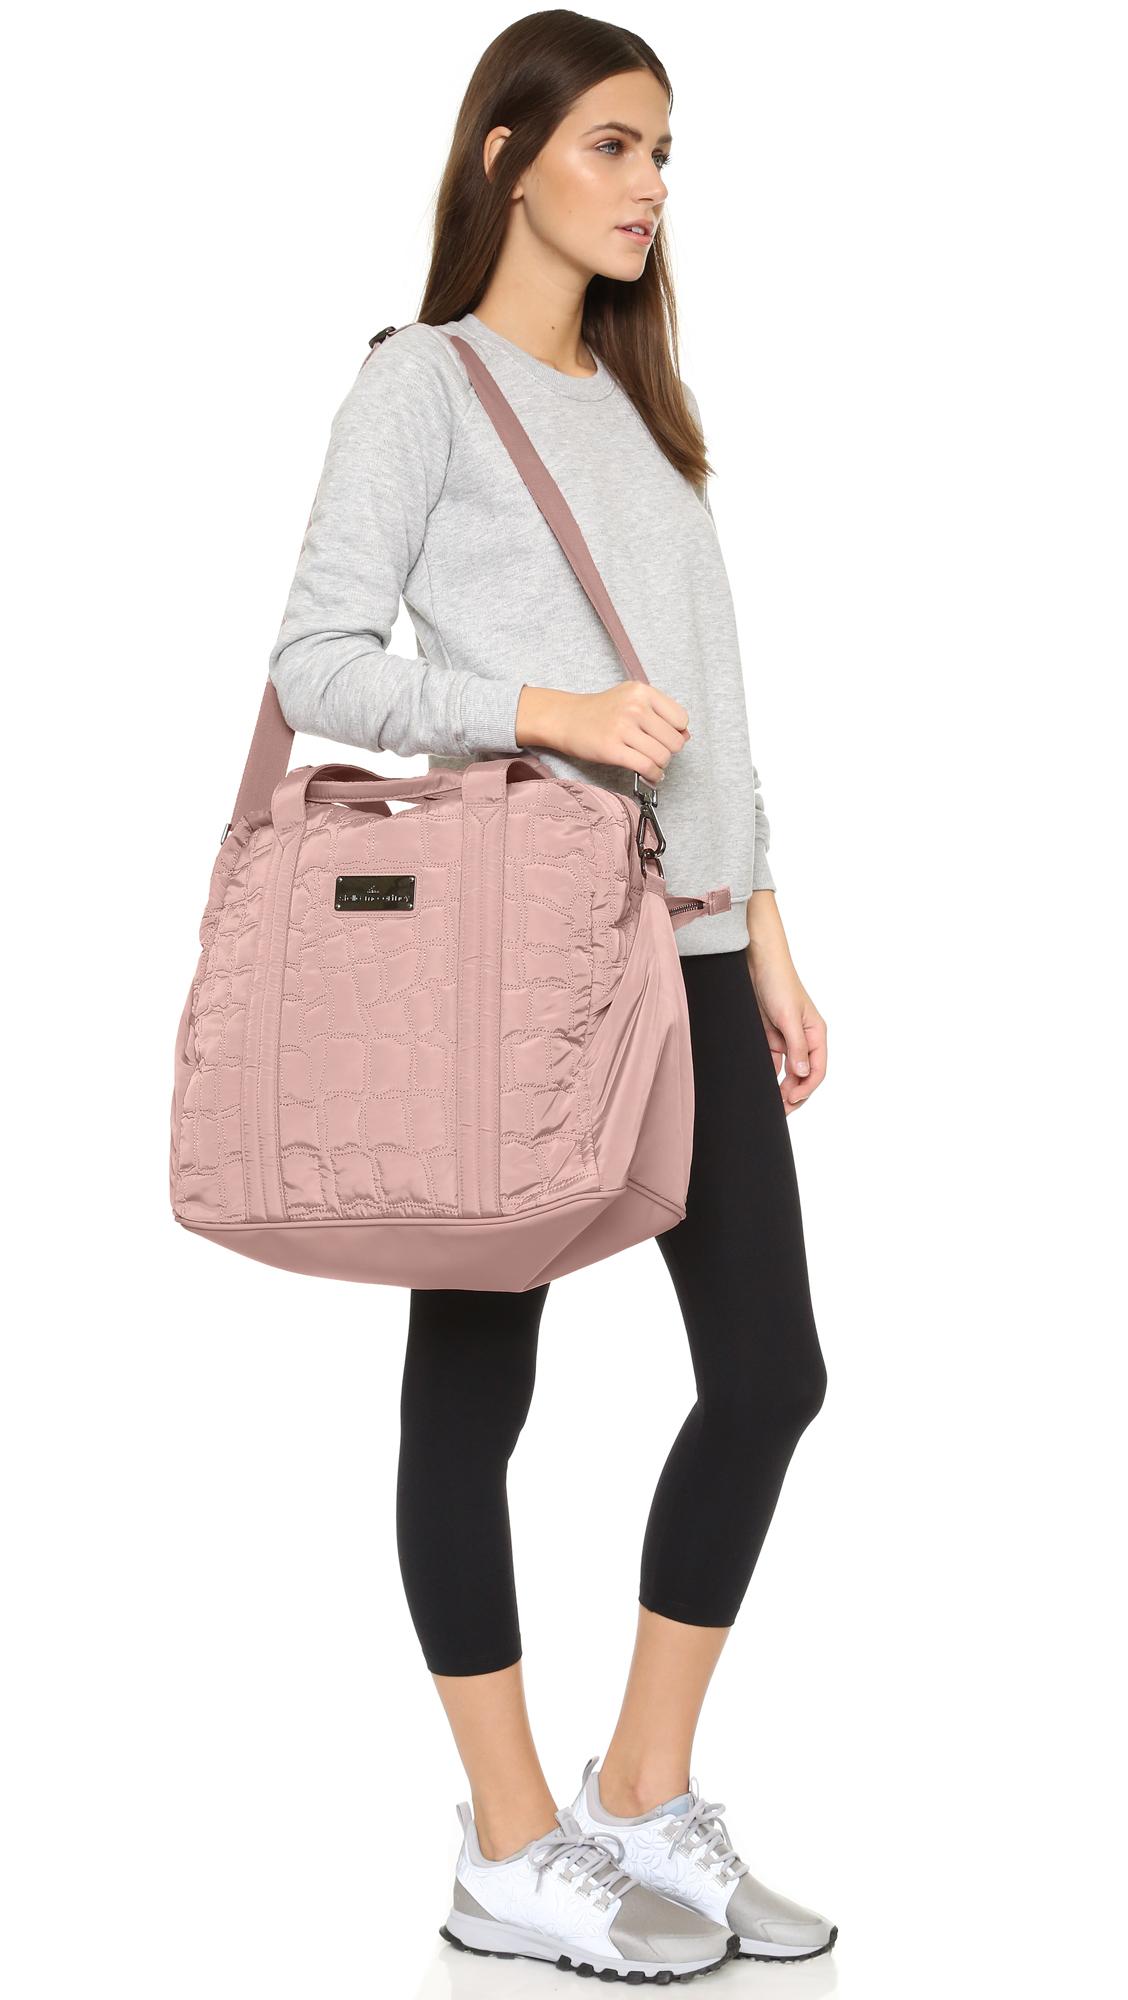 fabc6bb22c adidas by Stella McCartney Essentials Bag